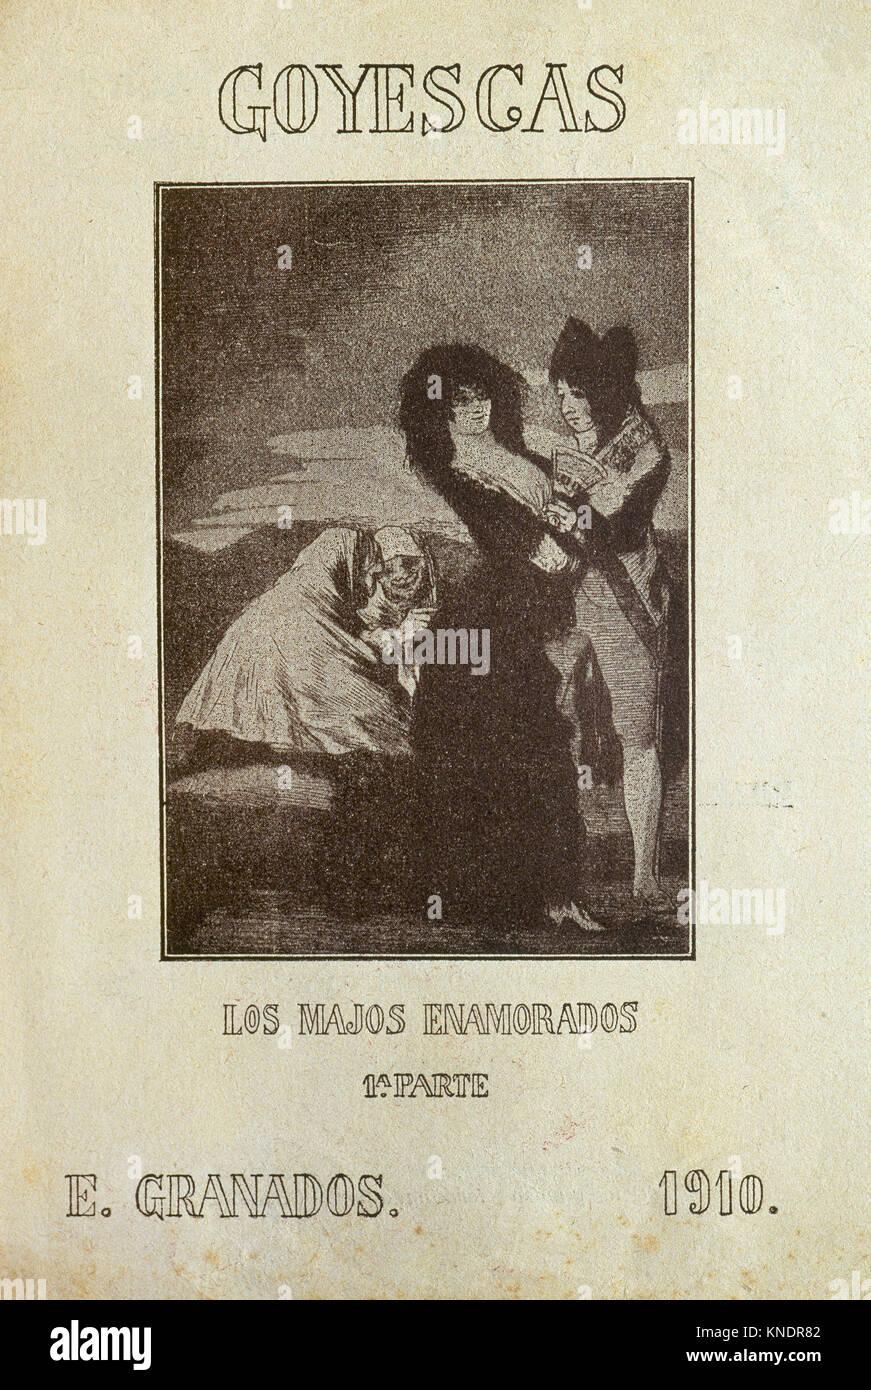 Enrique Granados (1867-1916). Composer and Spanish pianist. Goyescas. Concert program. Los Majos Enamorados (The - Stock Image